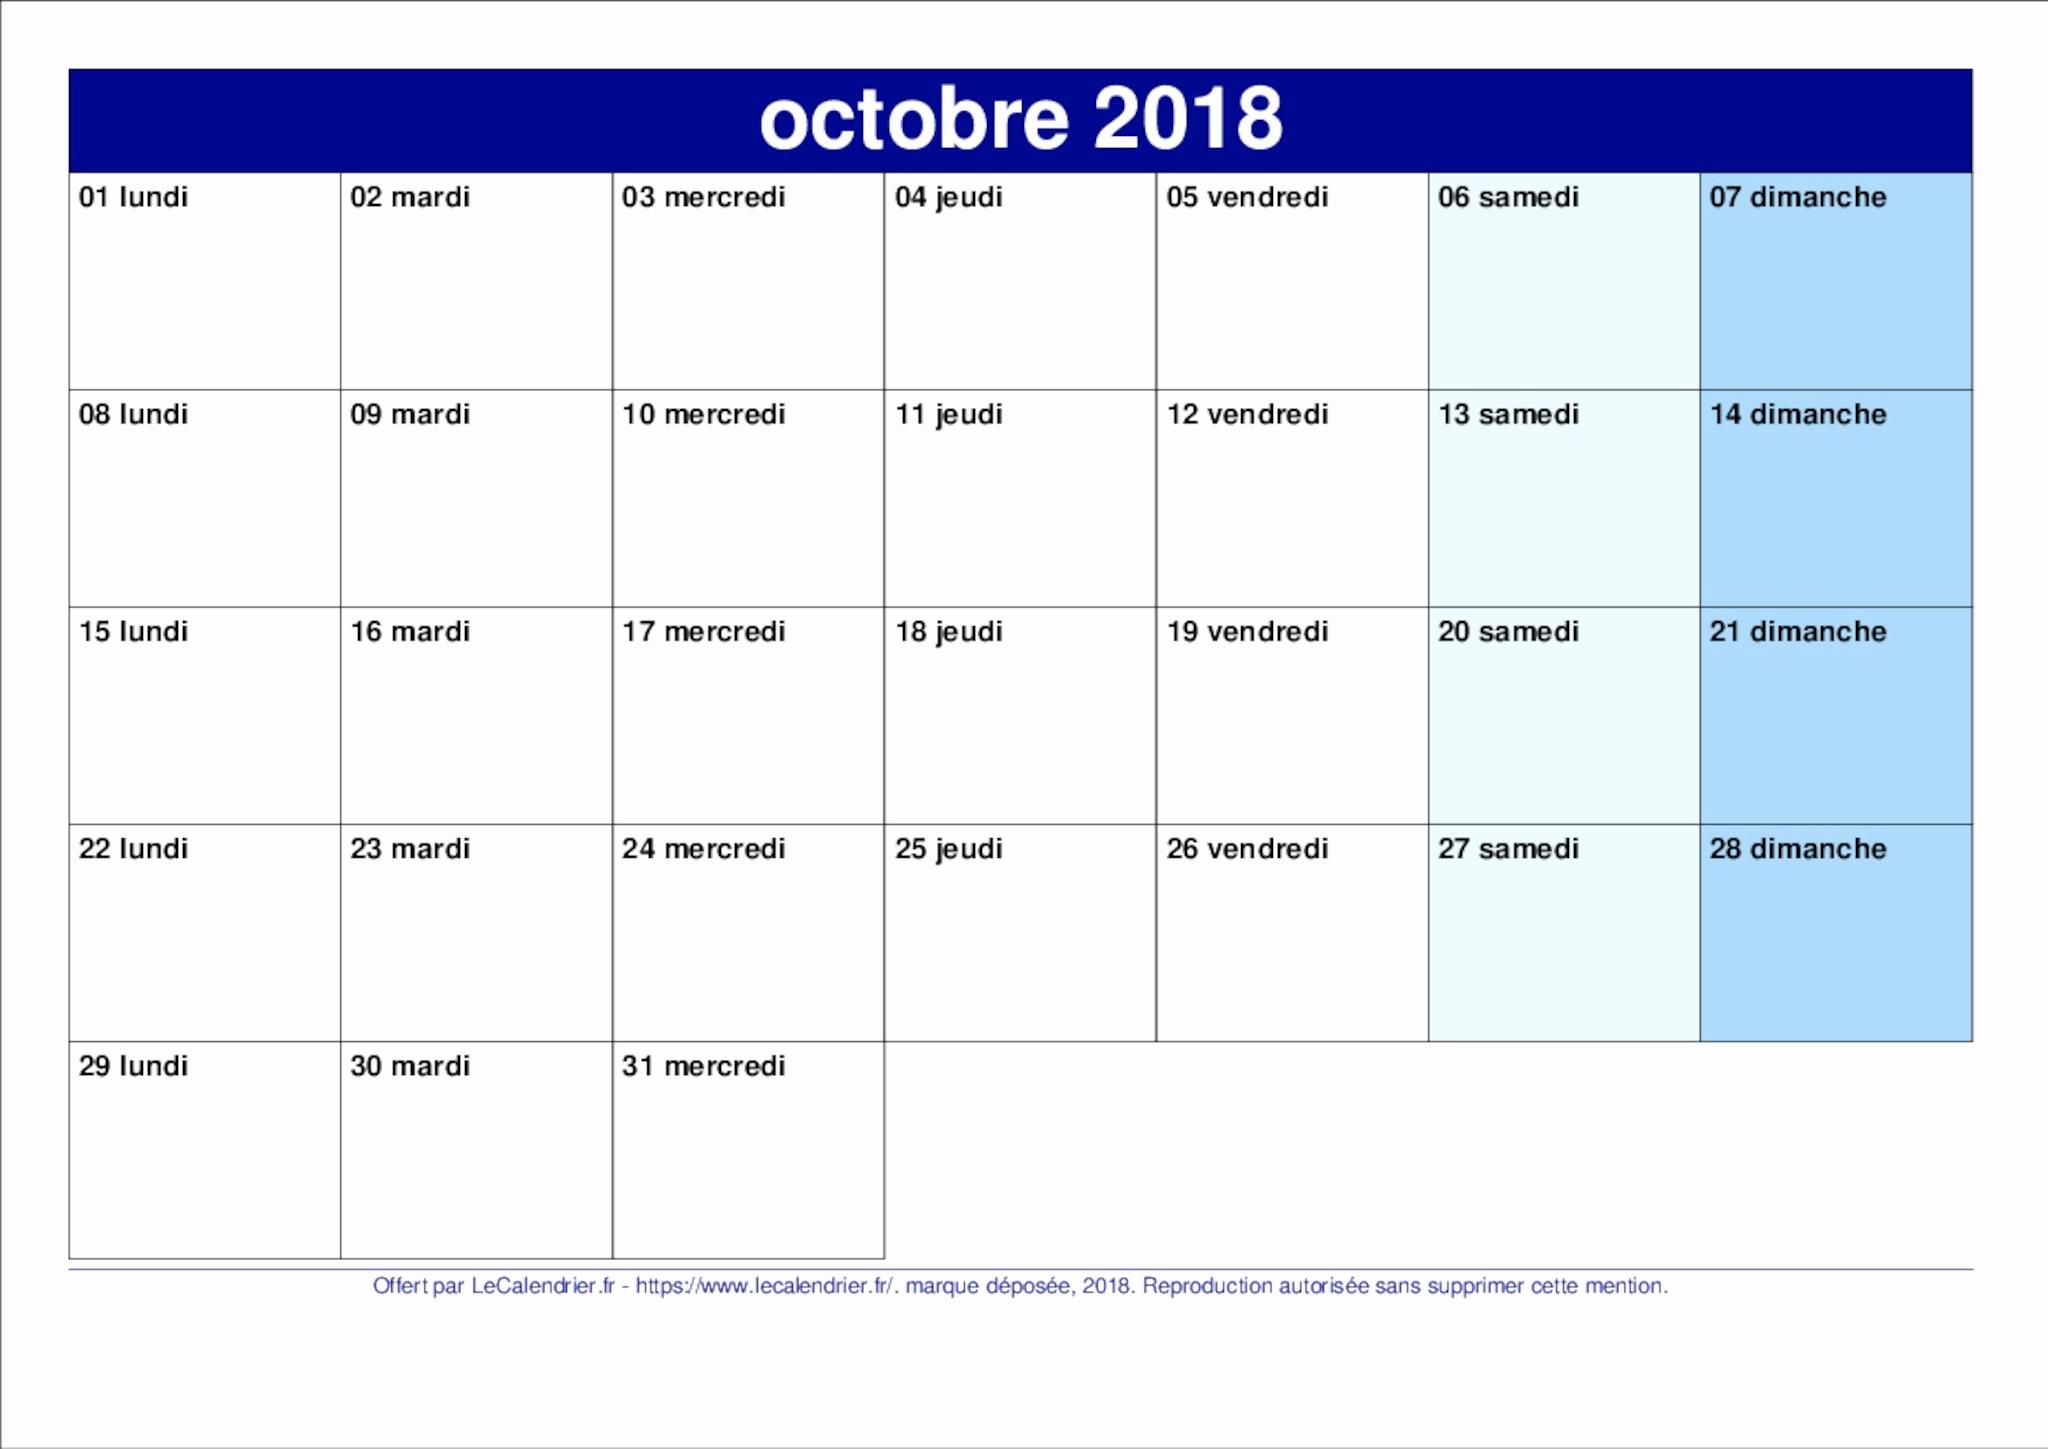 Calendario 2019 Semana Santa Colombia Más Arriba-a-fecha Impresionante 42 Ilustraci³n 1997 Calendario 2019 Of Calendario 2019 Semana Santa Colombia Más Actual La Iglesia Y Medjugorje